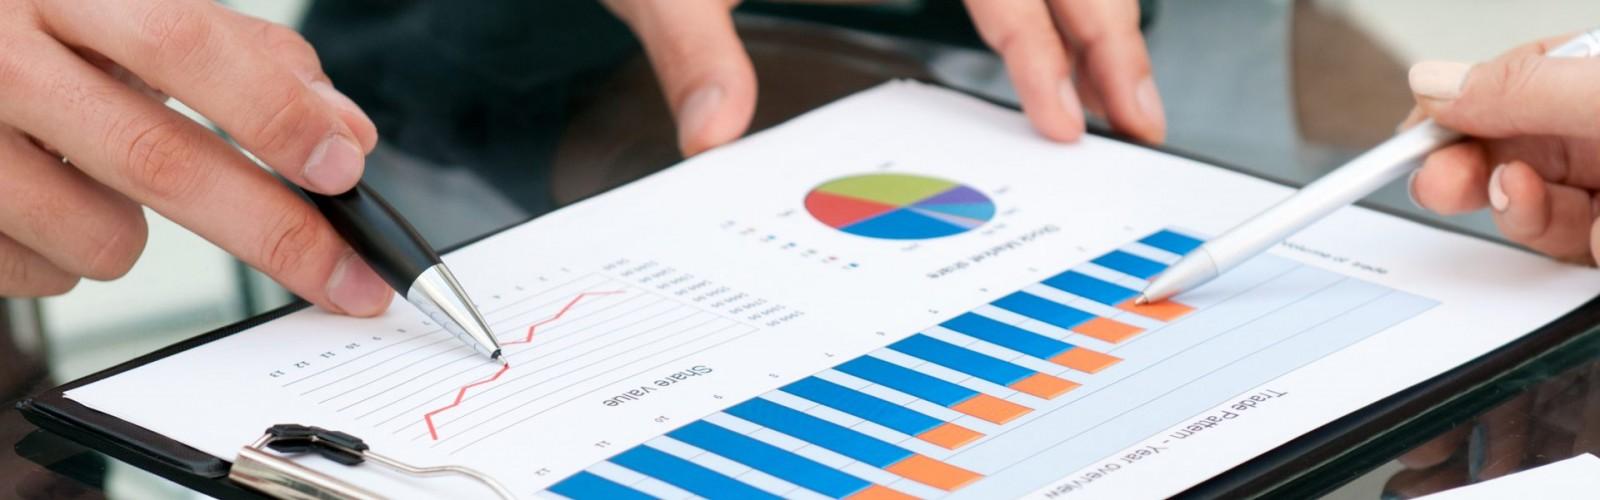 Измерение и учет каждого показателя – основа разумного ведения бизнеса.